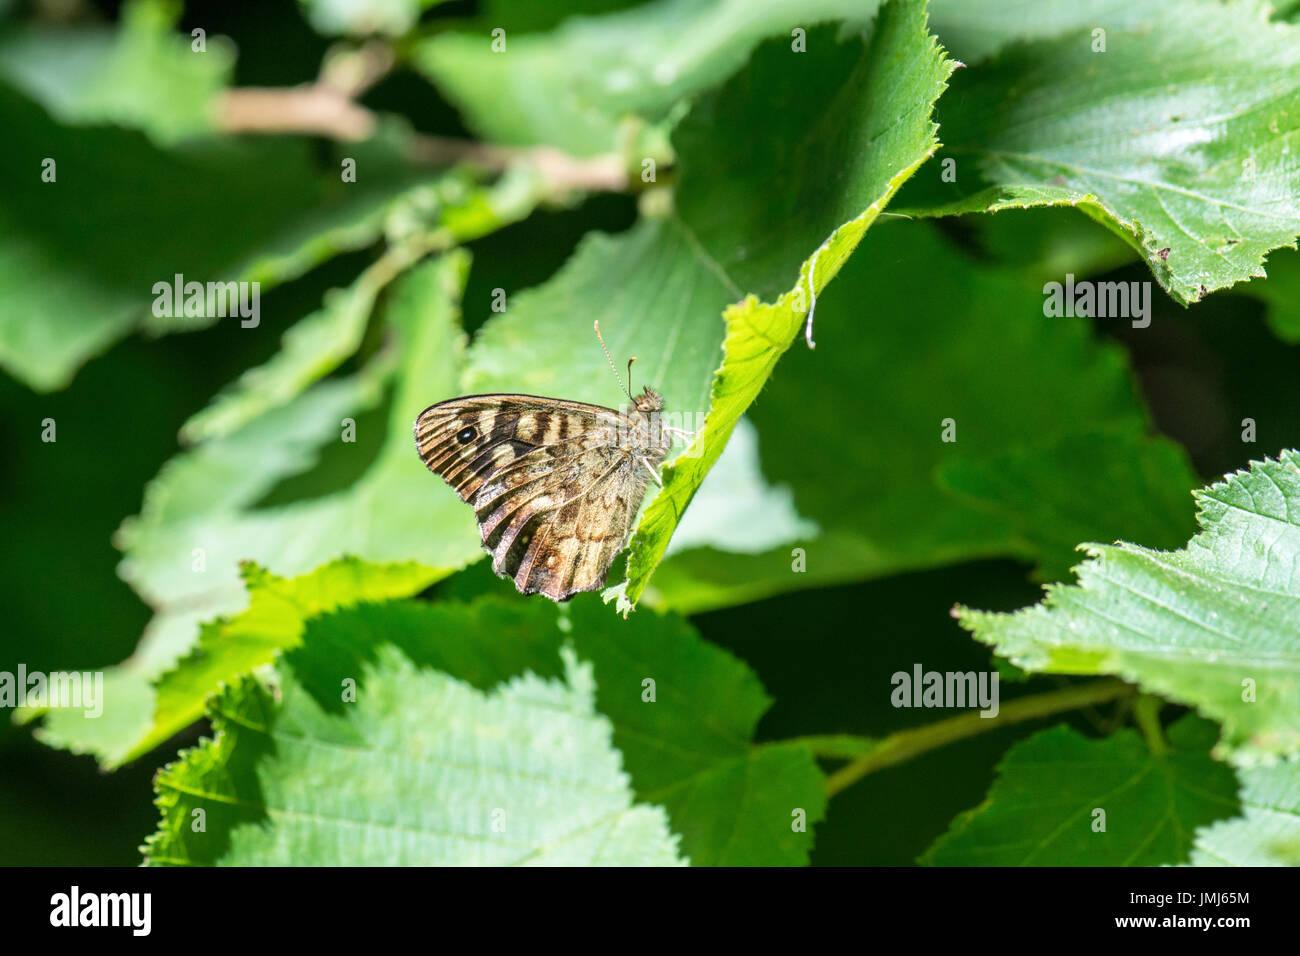 Gesprenkelte Holz (Pararge Aegeria) Schmetterling. Unterseite der Imago. Stockbild